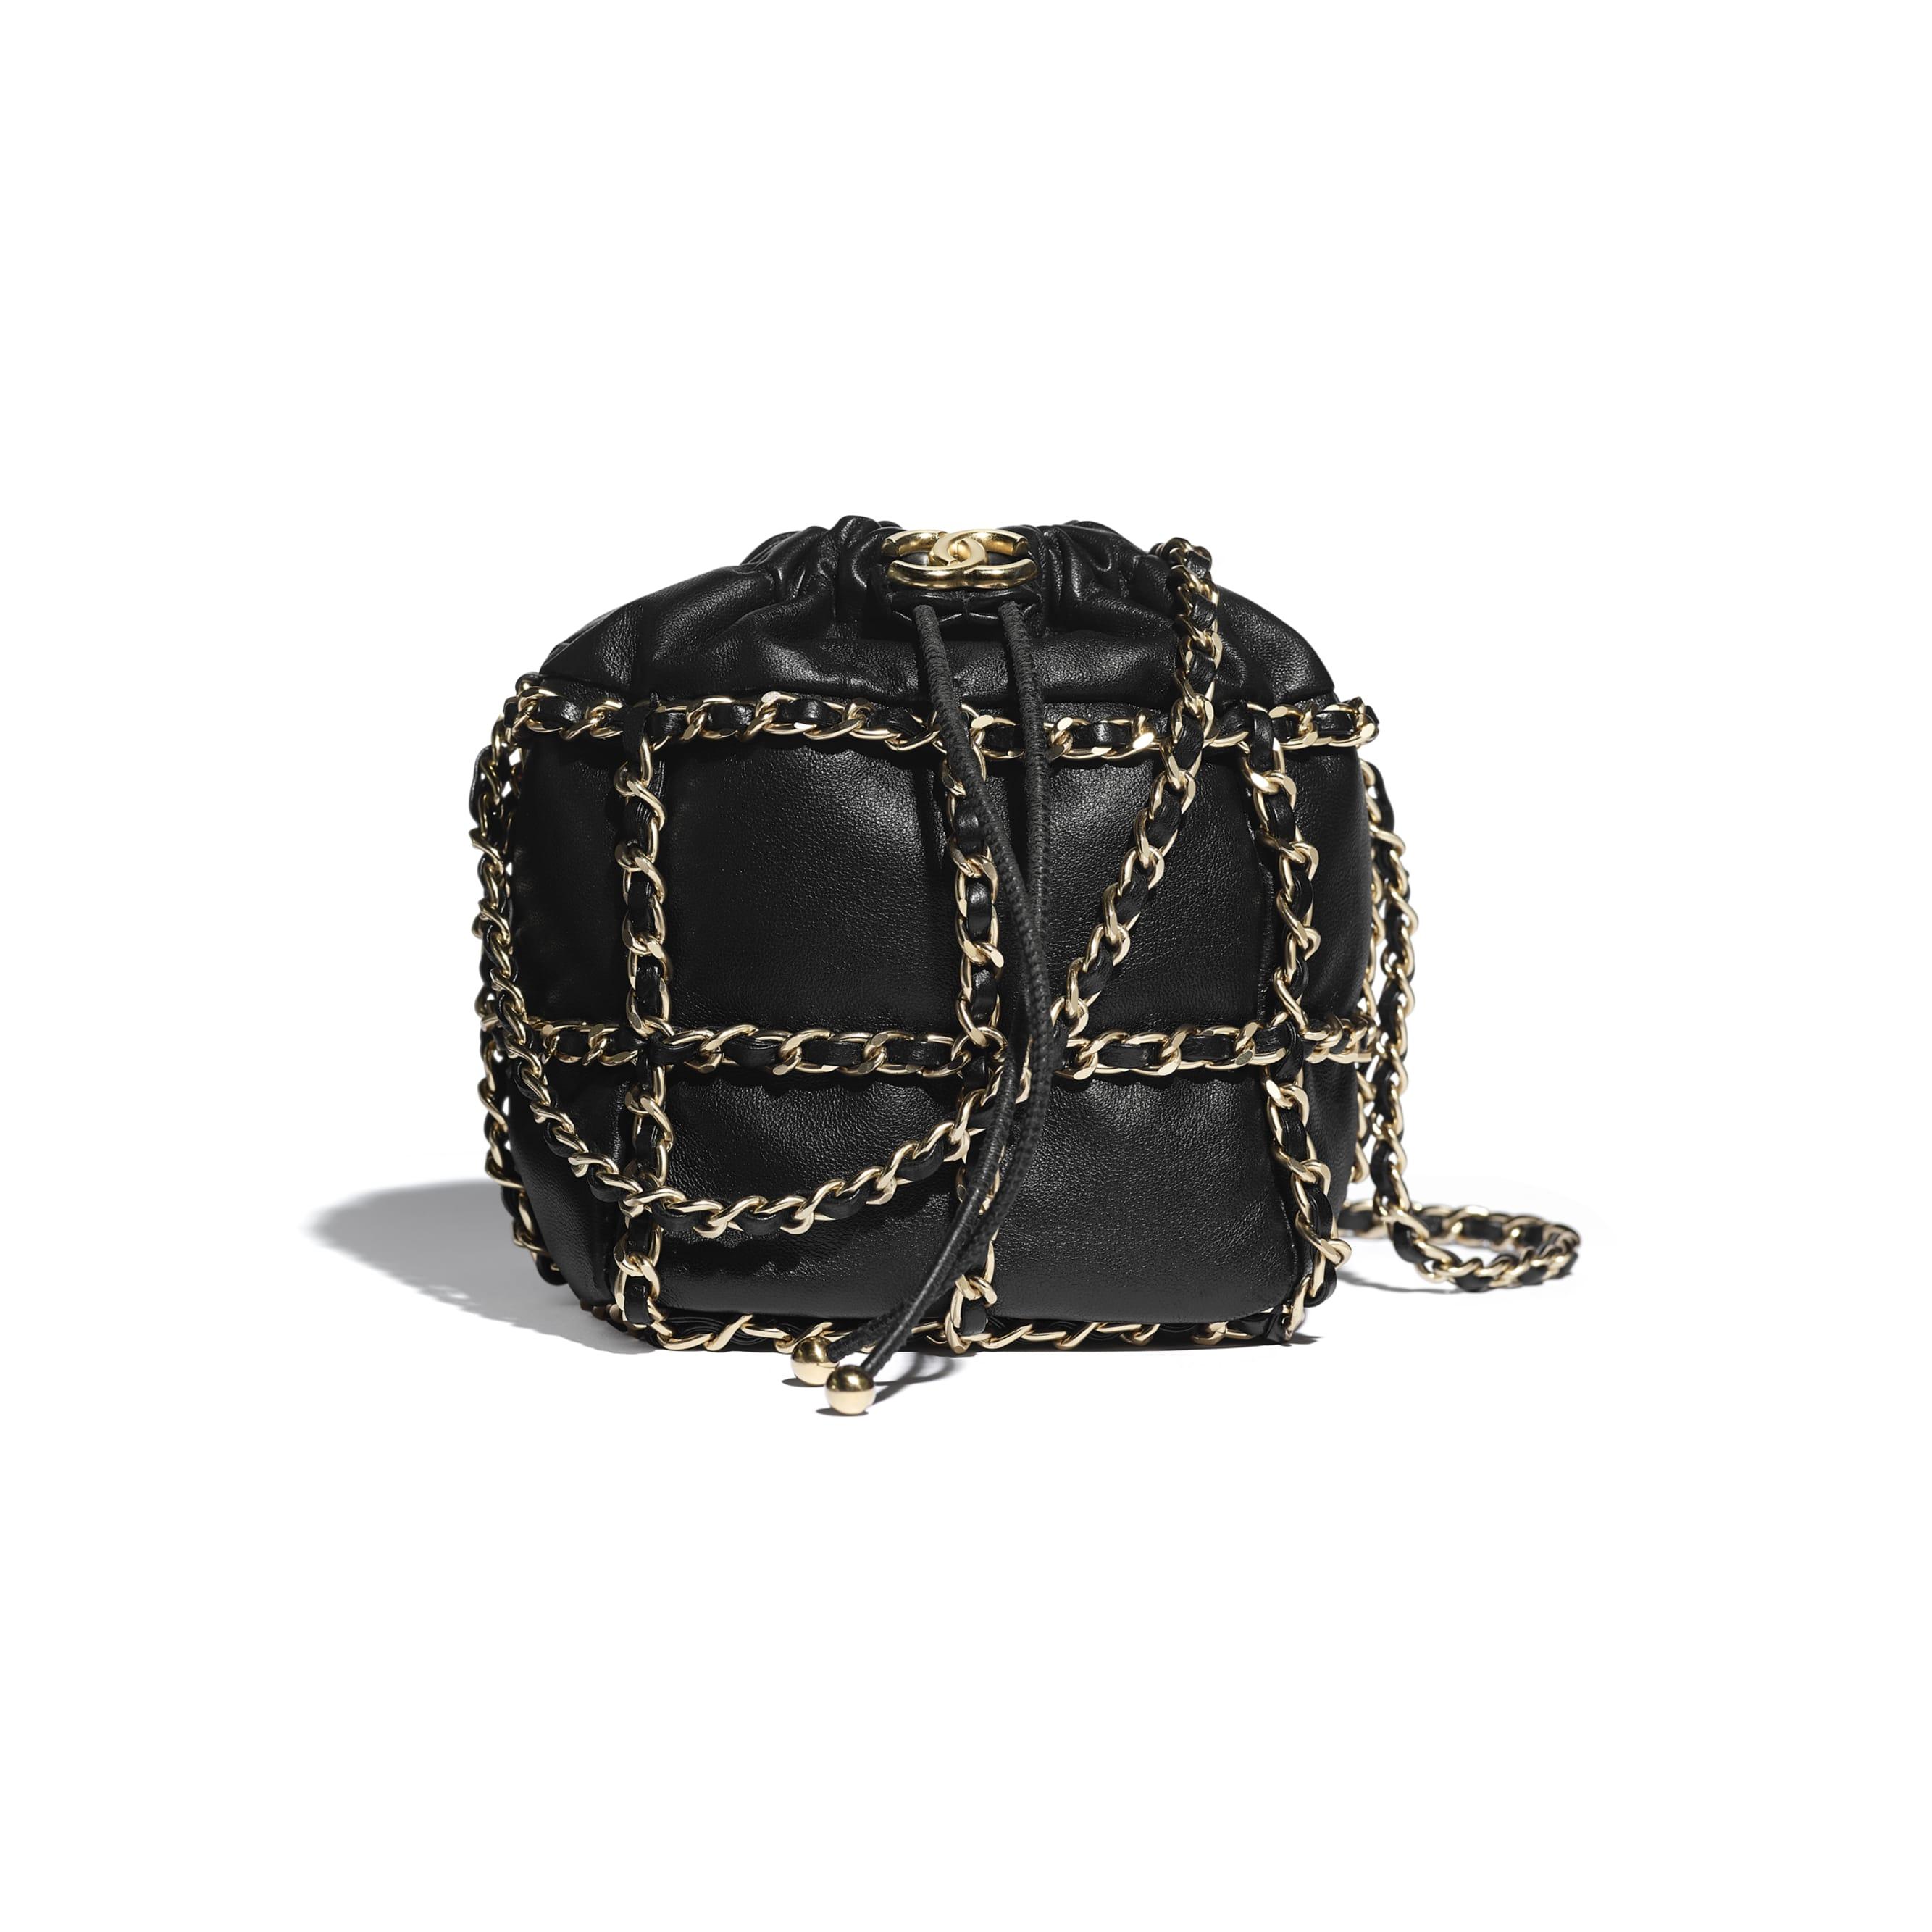 Petit sac à fermeture cordon - Noir - Agneau & métal doré - CHANEL - Vue par défaut - voir la version taille standard